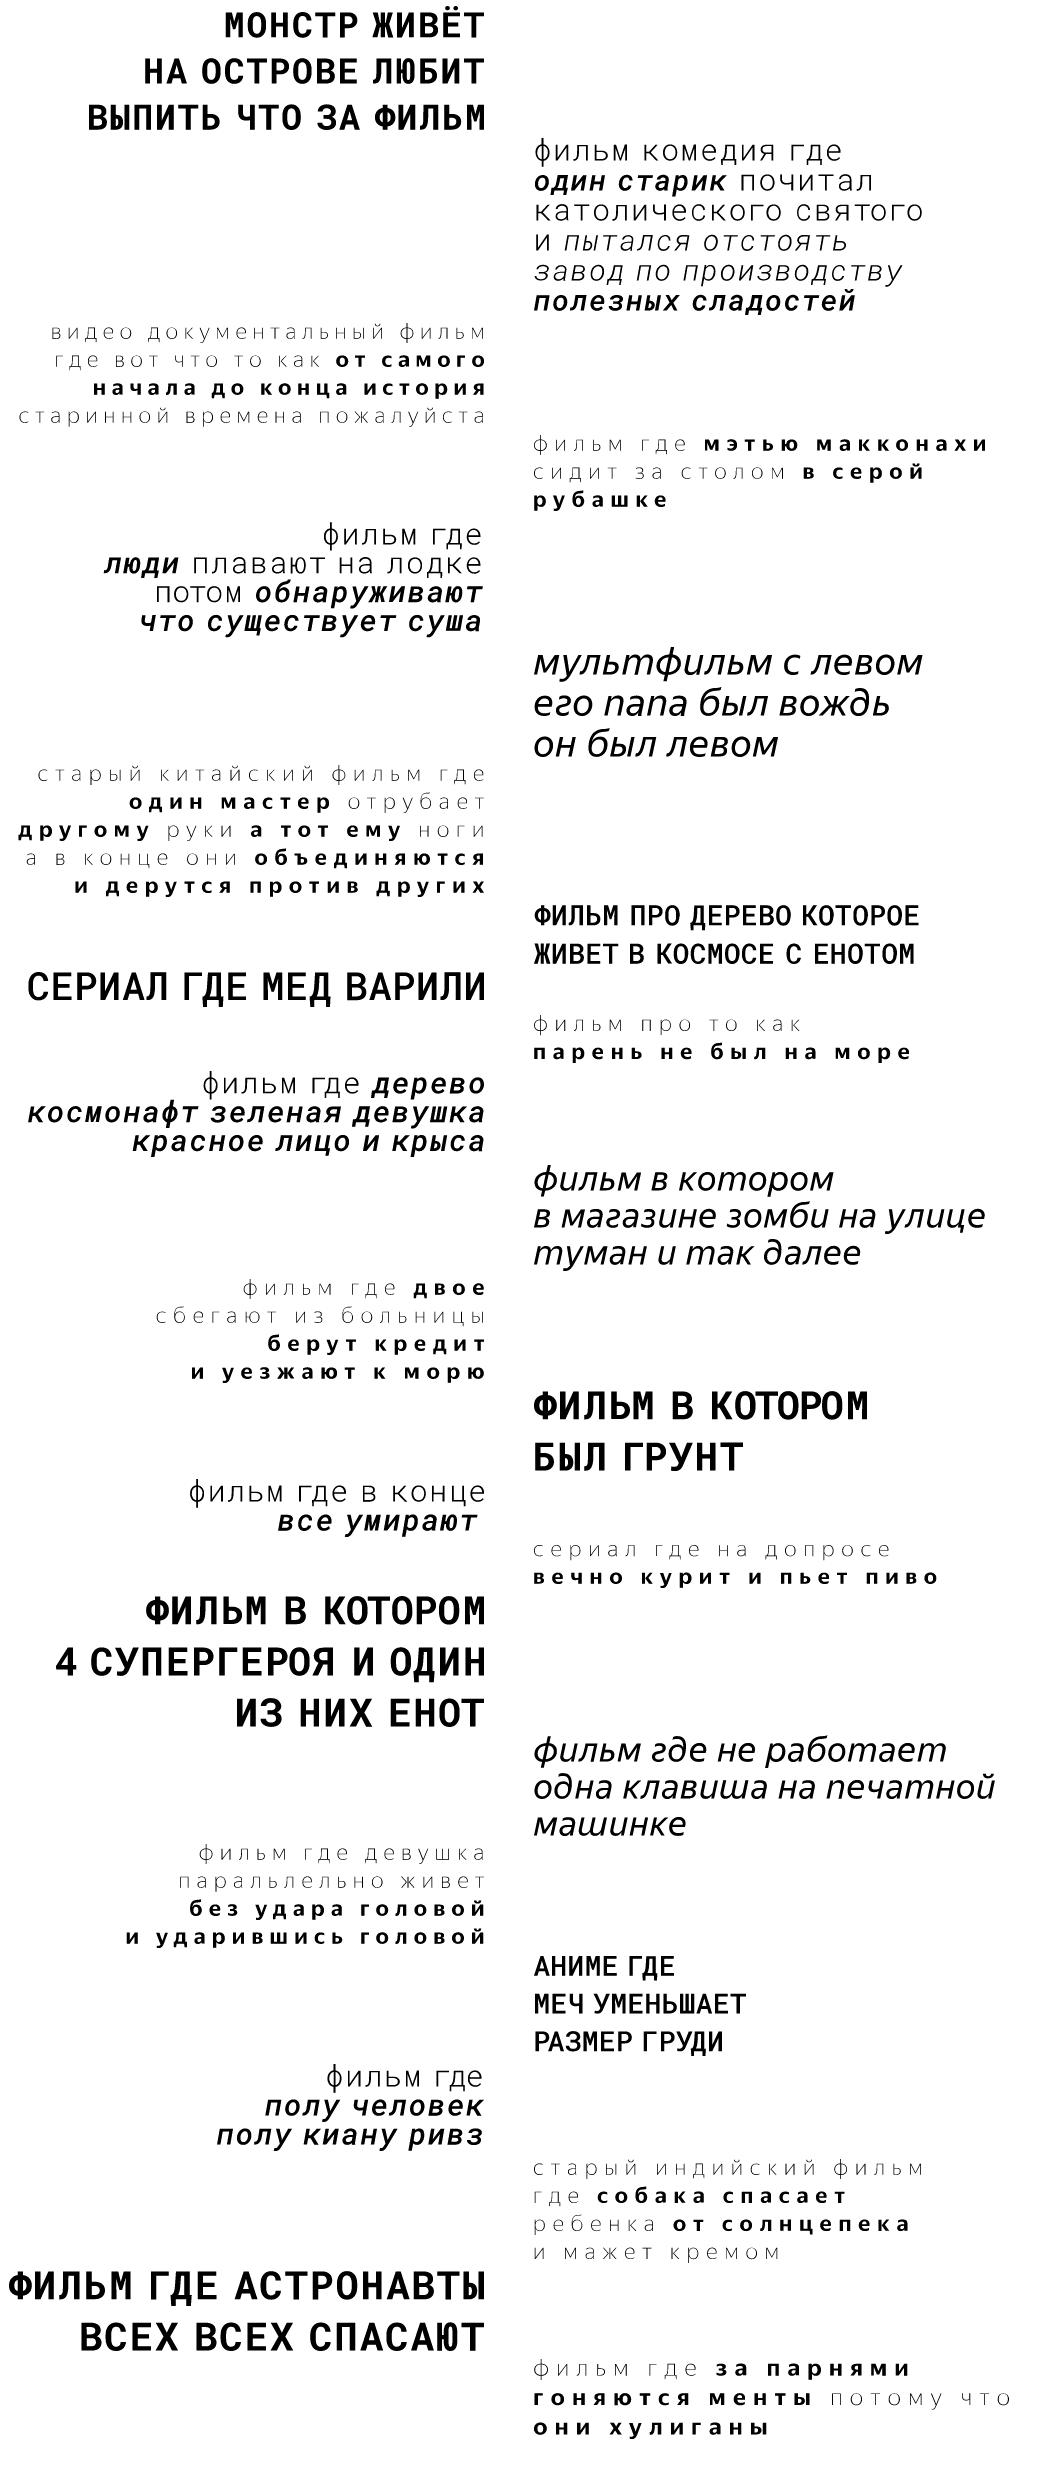 «Яндекс» показал, какими словами ищут забытые фильмы - 4